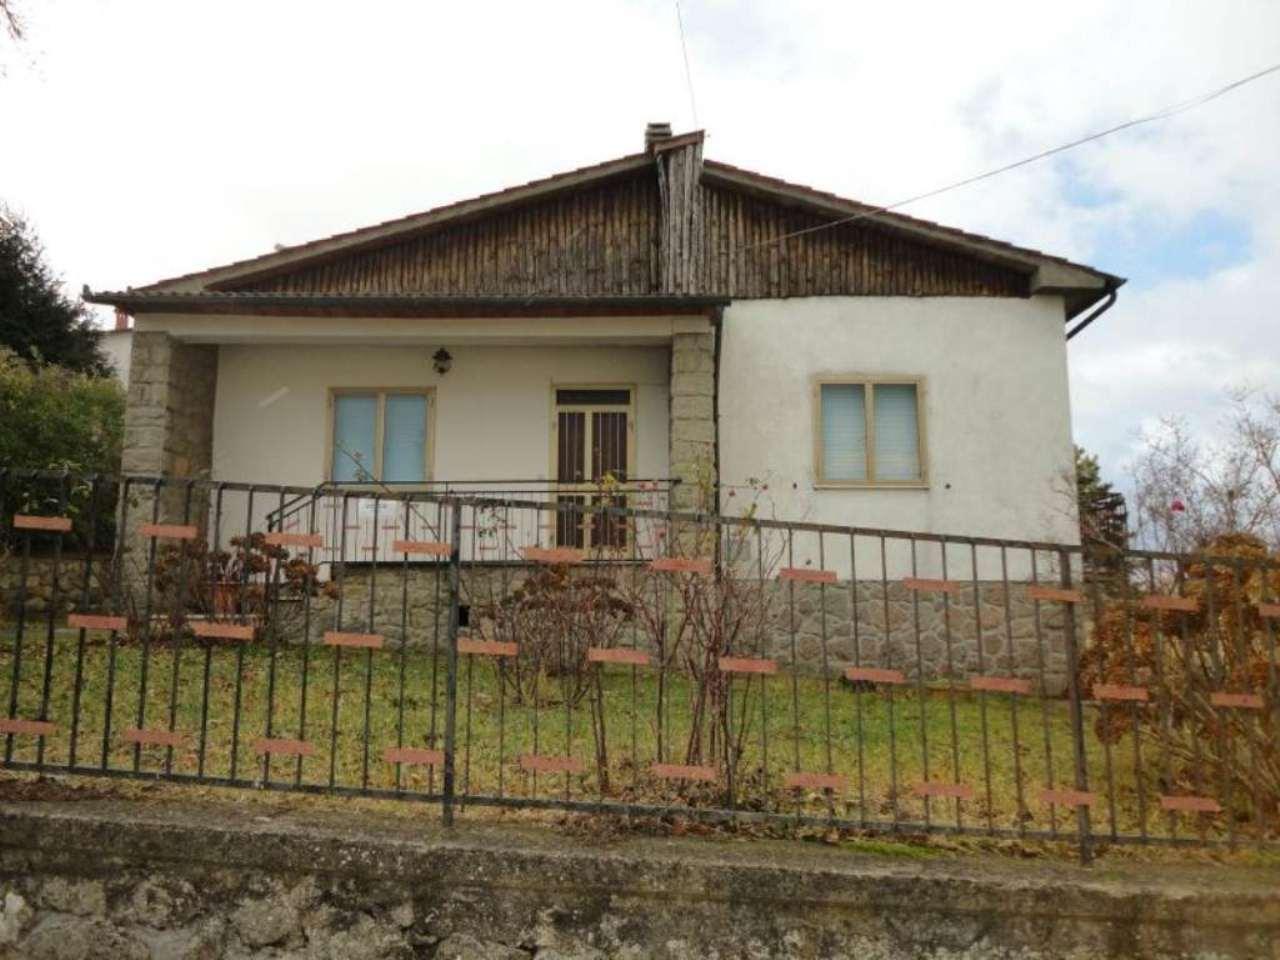 Villa in vendita a Castiglione d'Orcia, 8 locali, prezzo € 150.000 | Cambio Casa.it